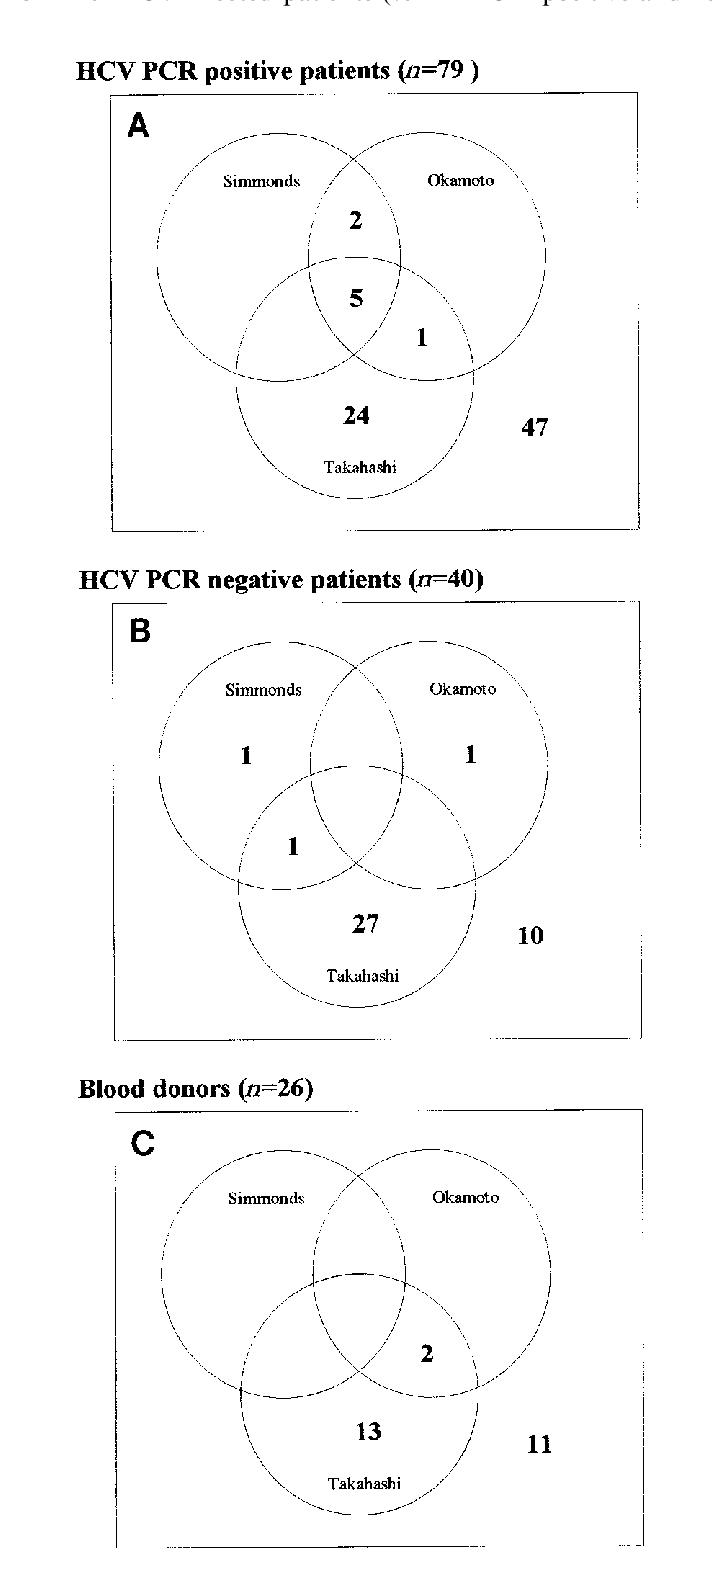 Bacteria And Virus Venn Diagram Venn Diagram Illustrates Overlap In Tt Virus Positivity With